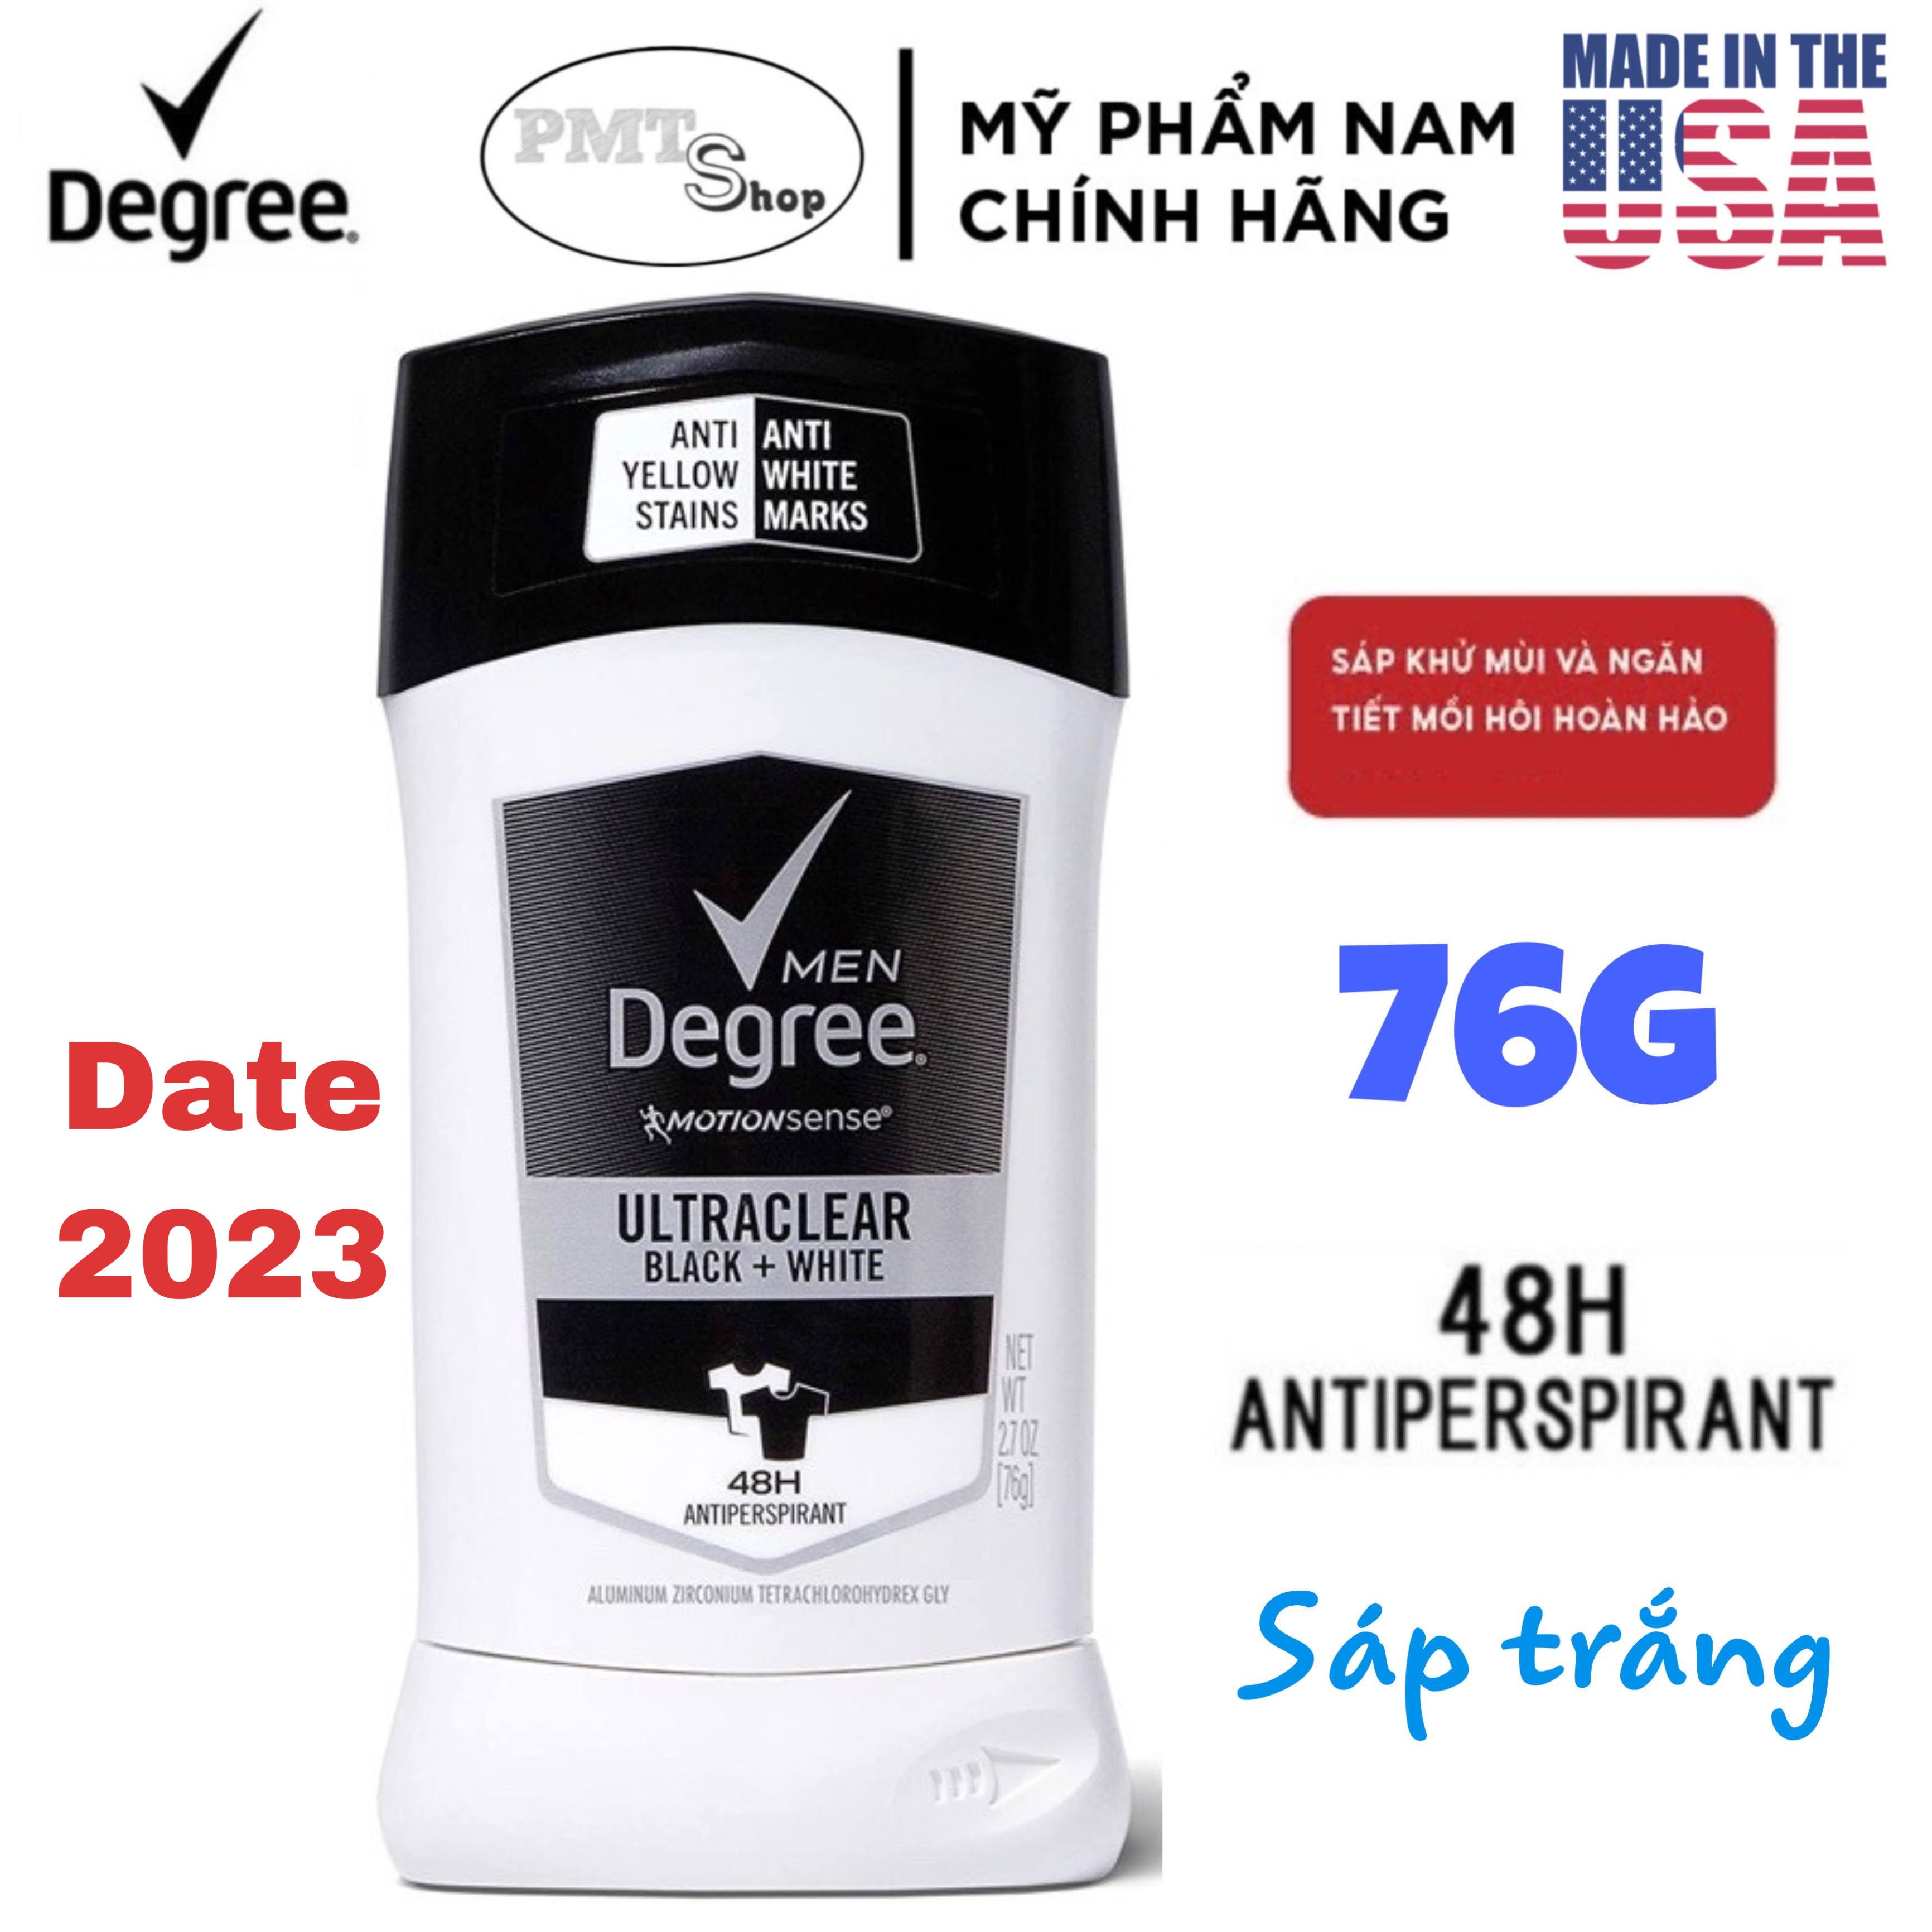 [USA] Lăn sáp khử mùi Degree men Motionsense UltraClear Black + White 76g (sáp trắng) chống ố áo - Mỹ